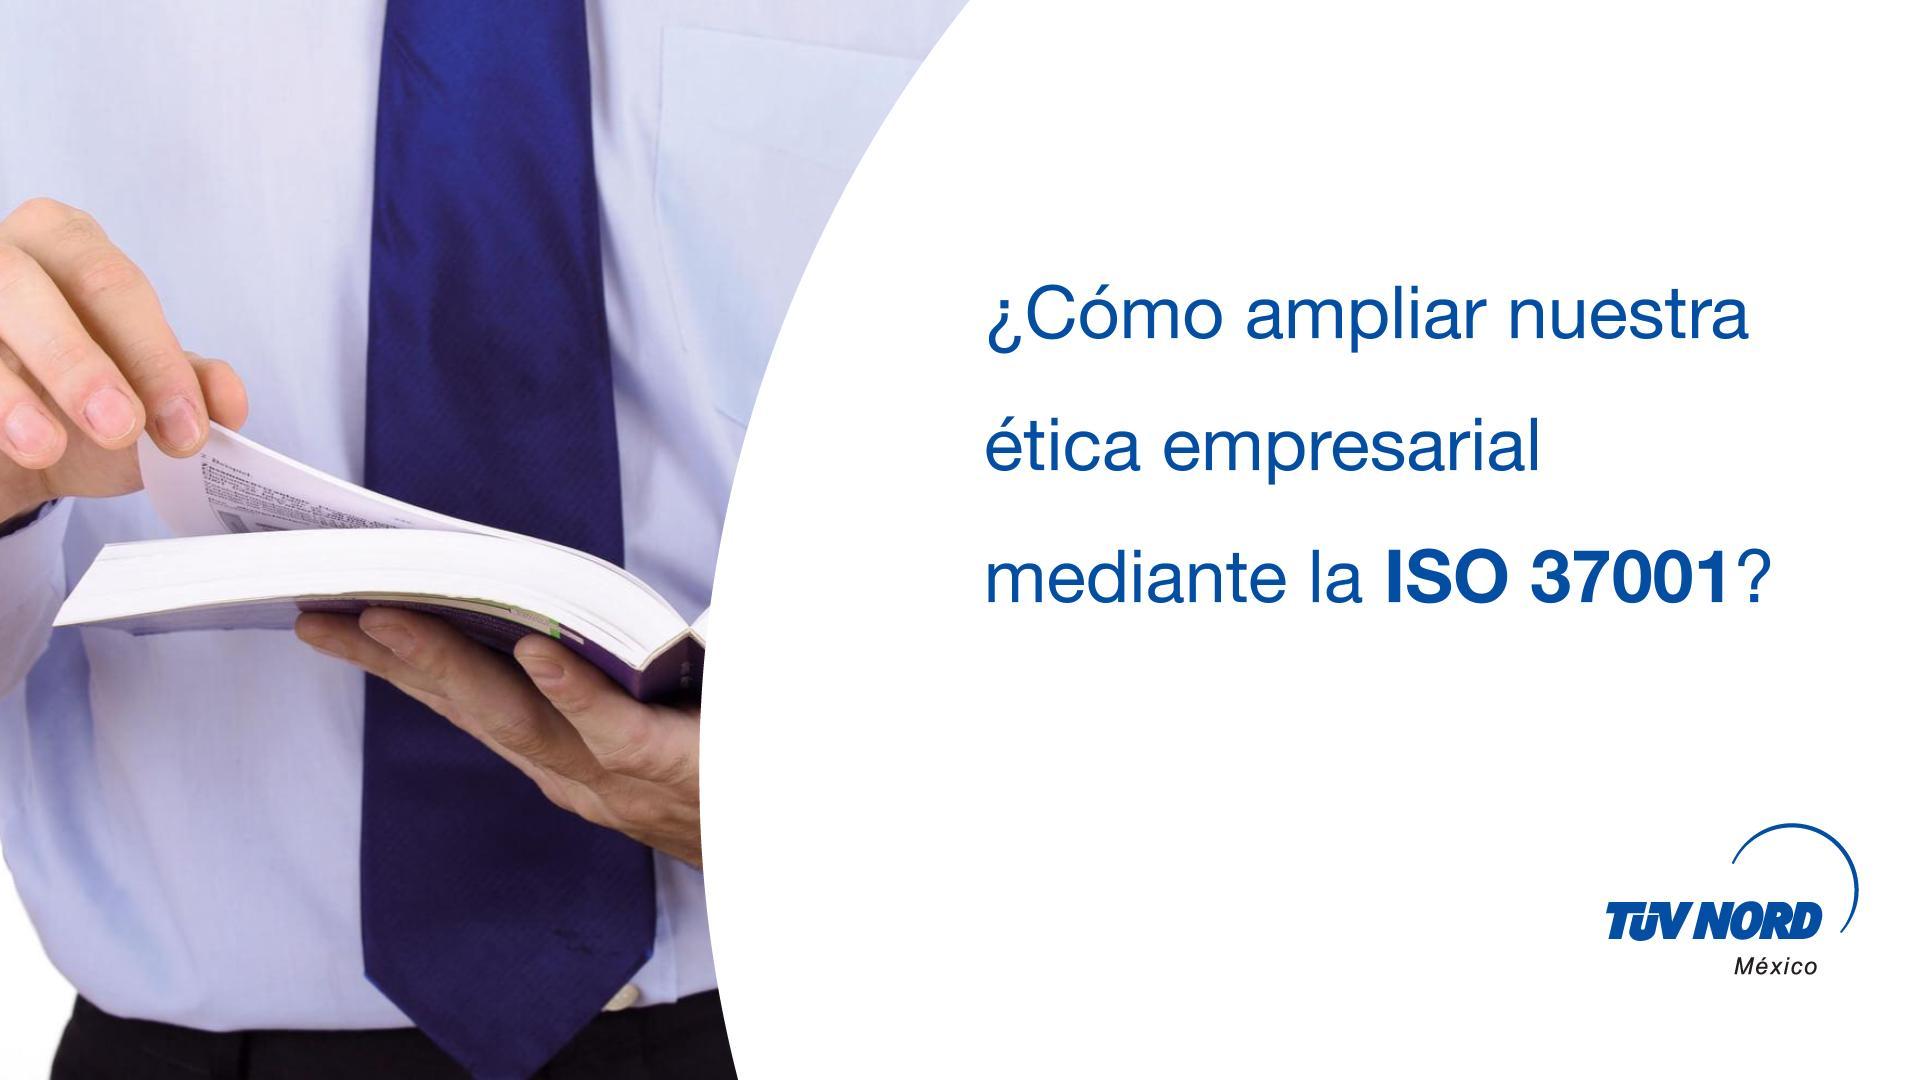 ¿Cómo ampliar nuestra ética empresarial mediante la ISO 37001?